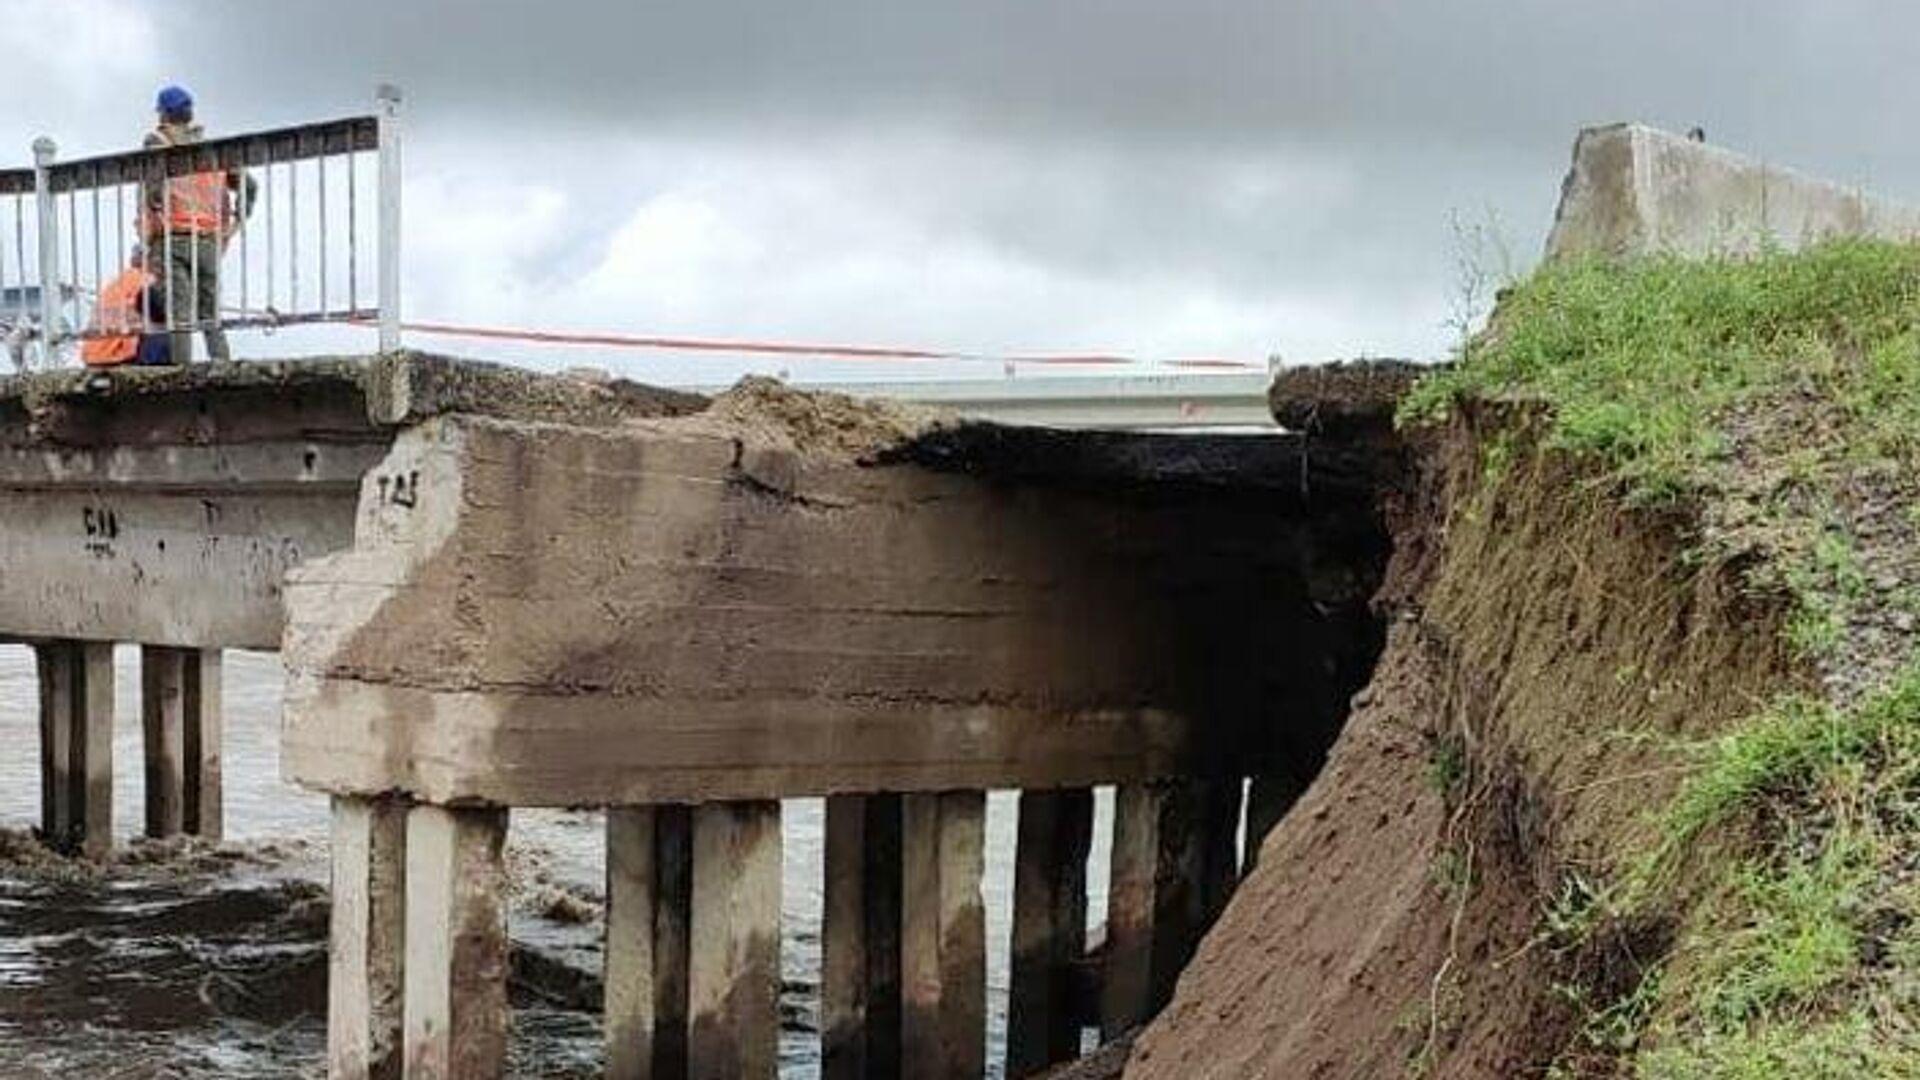 Частичное обрушение железнодорожного моста в районе села Дунаево Сретенского района Забайкалья - РИА Новости, 1920, 28.07.2021